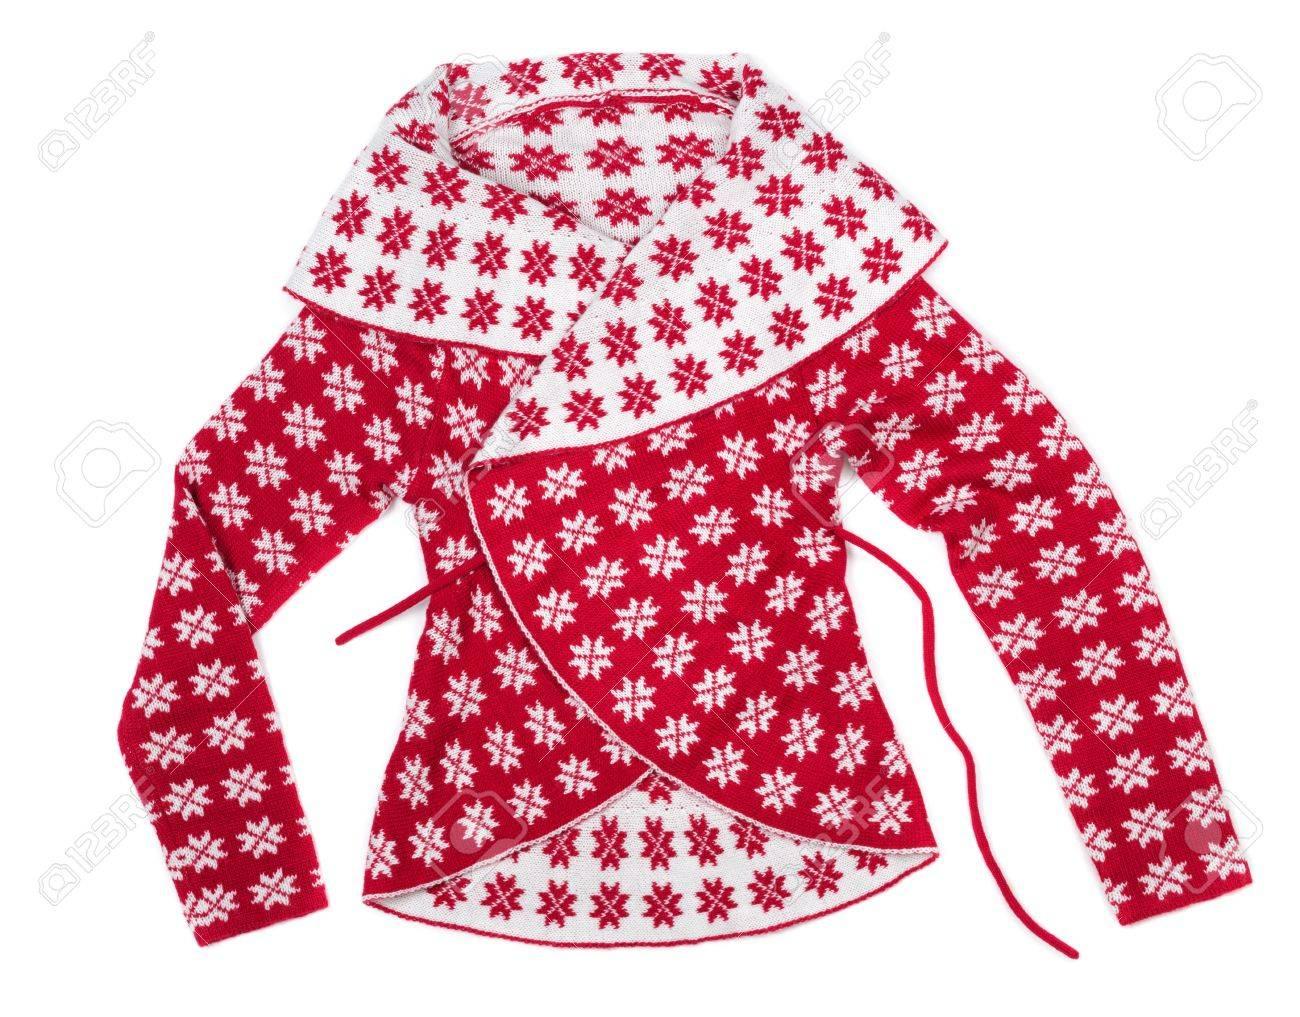 Moda Mujer Jersey De Punto Con Un Patrón De Copos De Nieve. Aislar ...